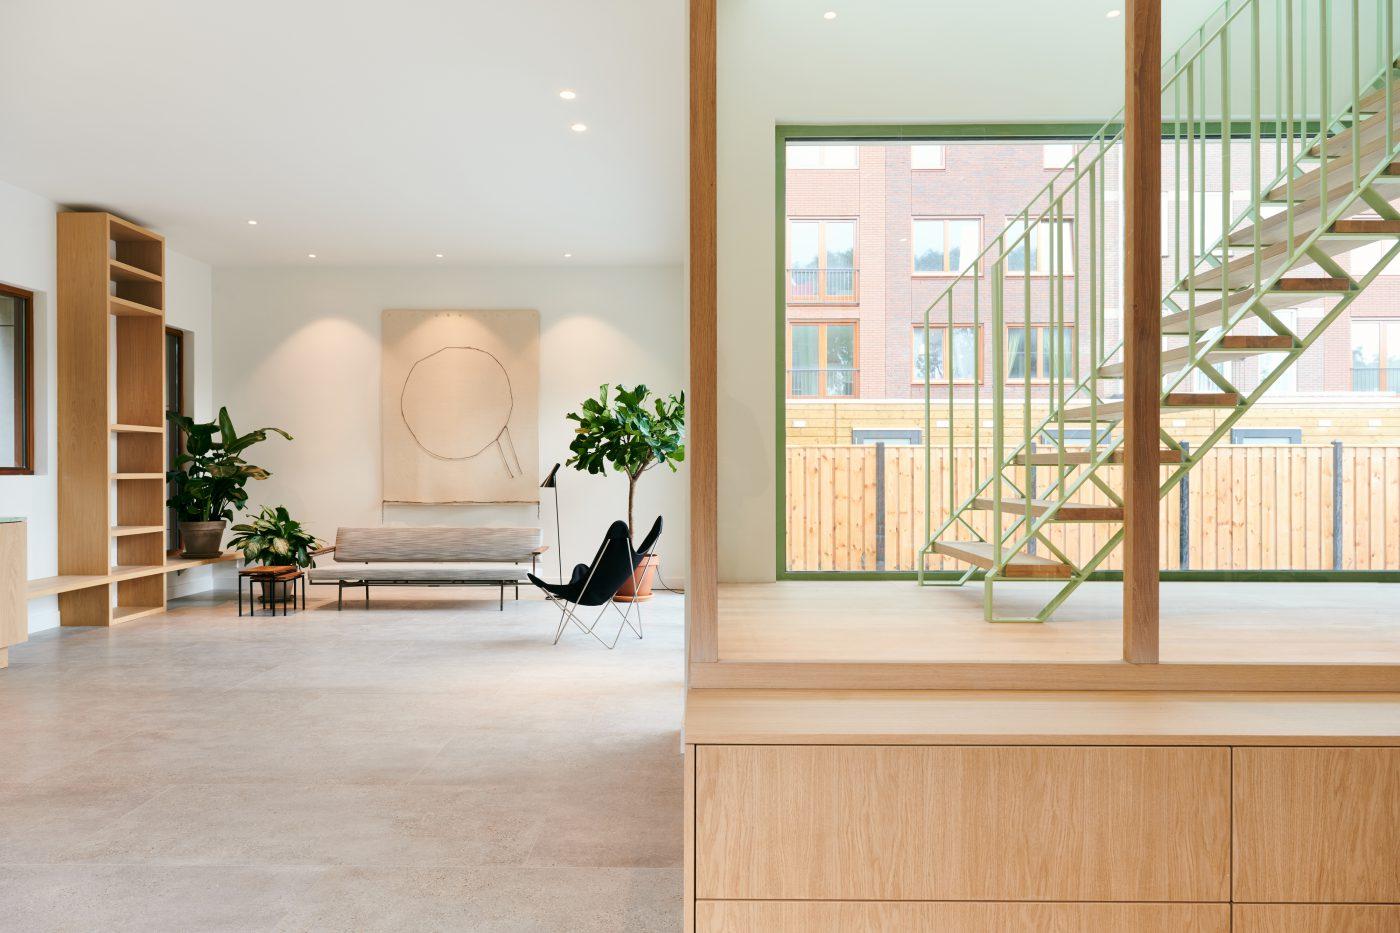 Glazen trappenhuis verbindend element in stadsvilla